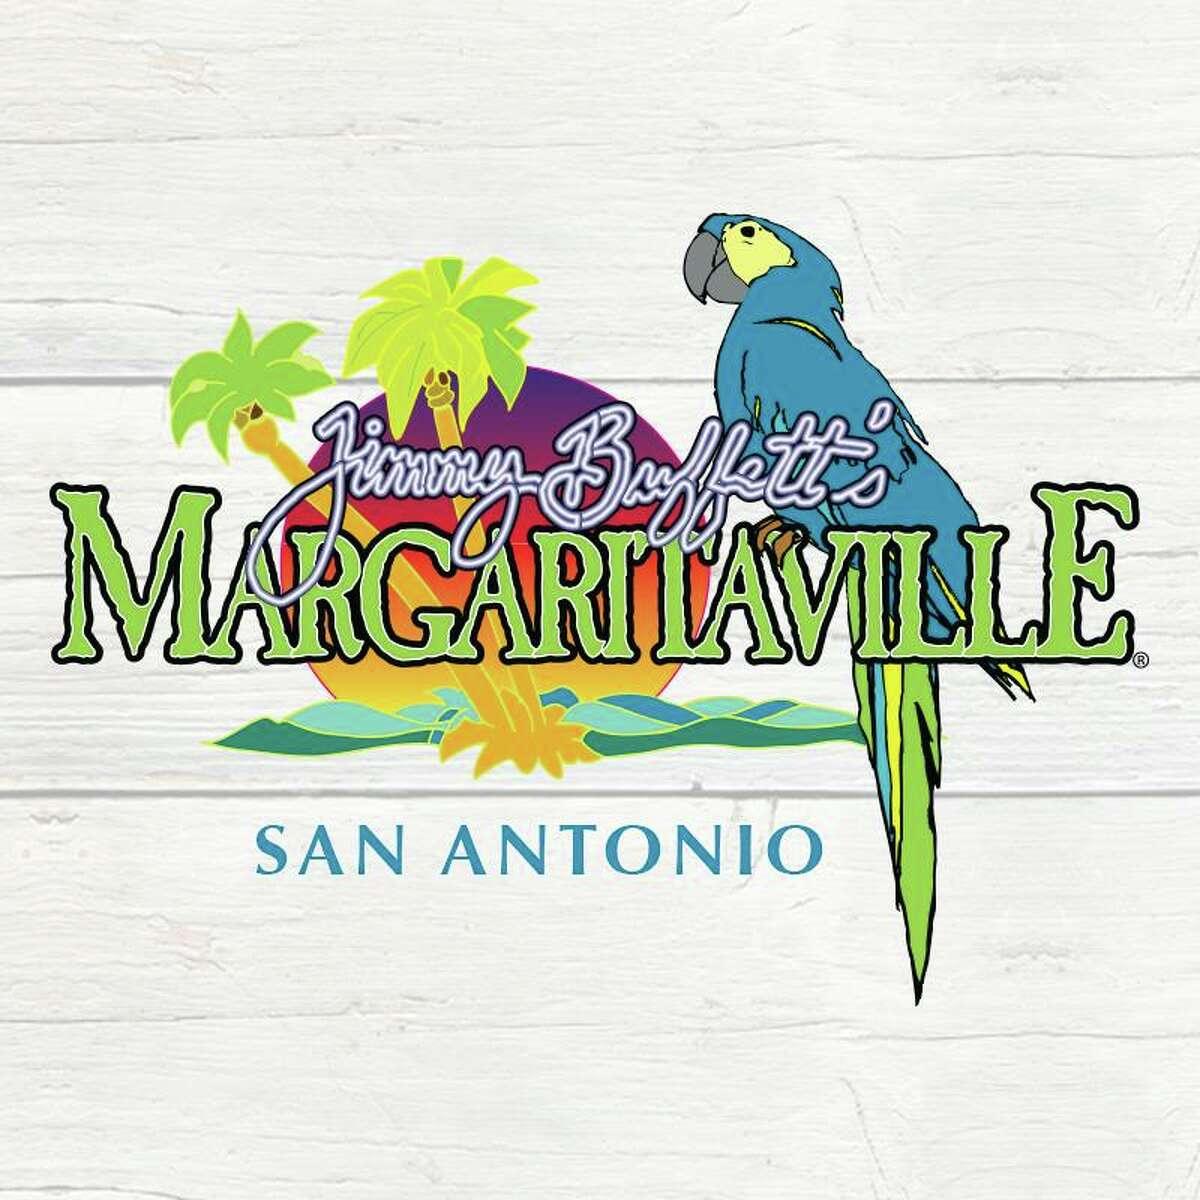 MargaritavilleWhere: Rivercenter mall Expected opening: Open now.